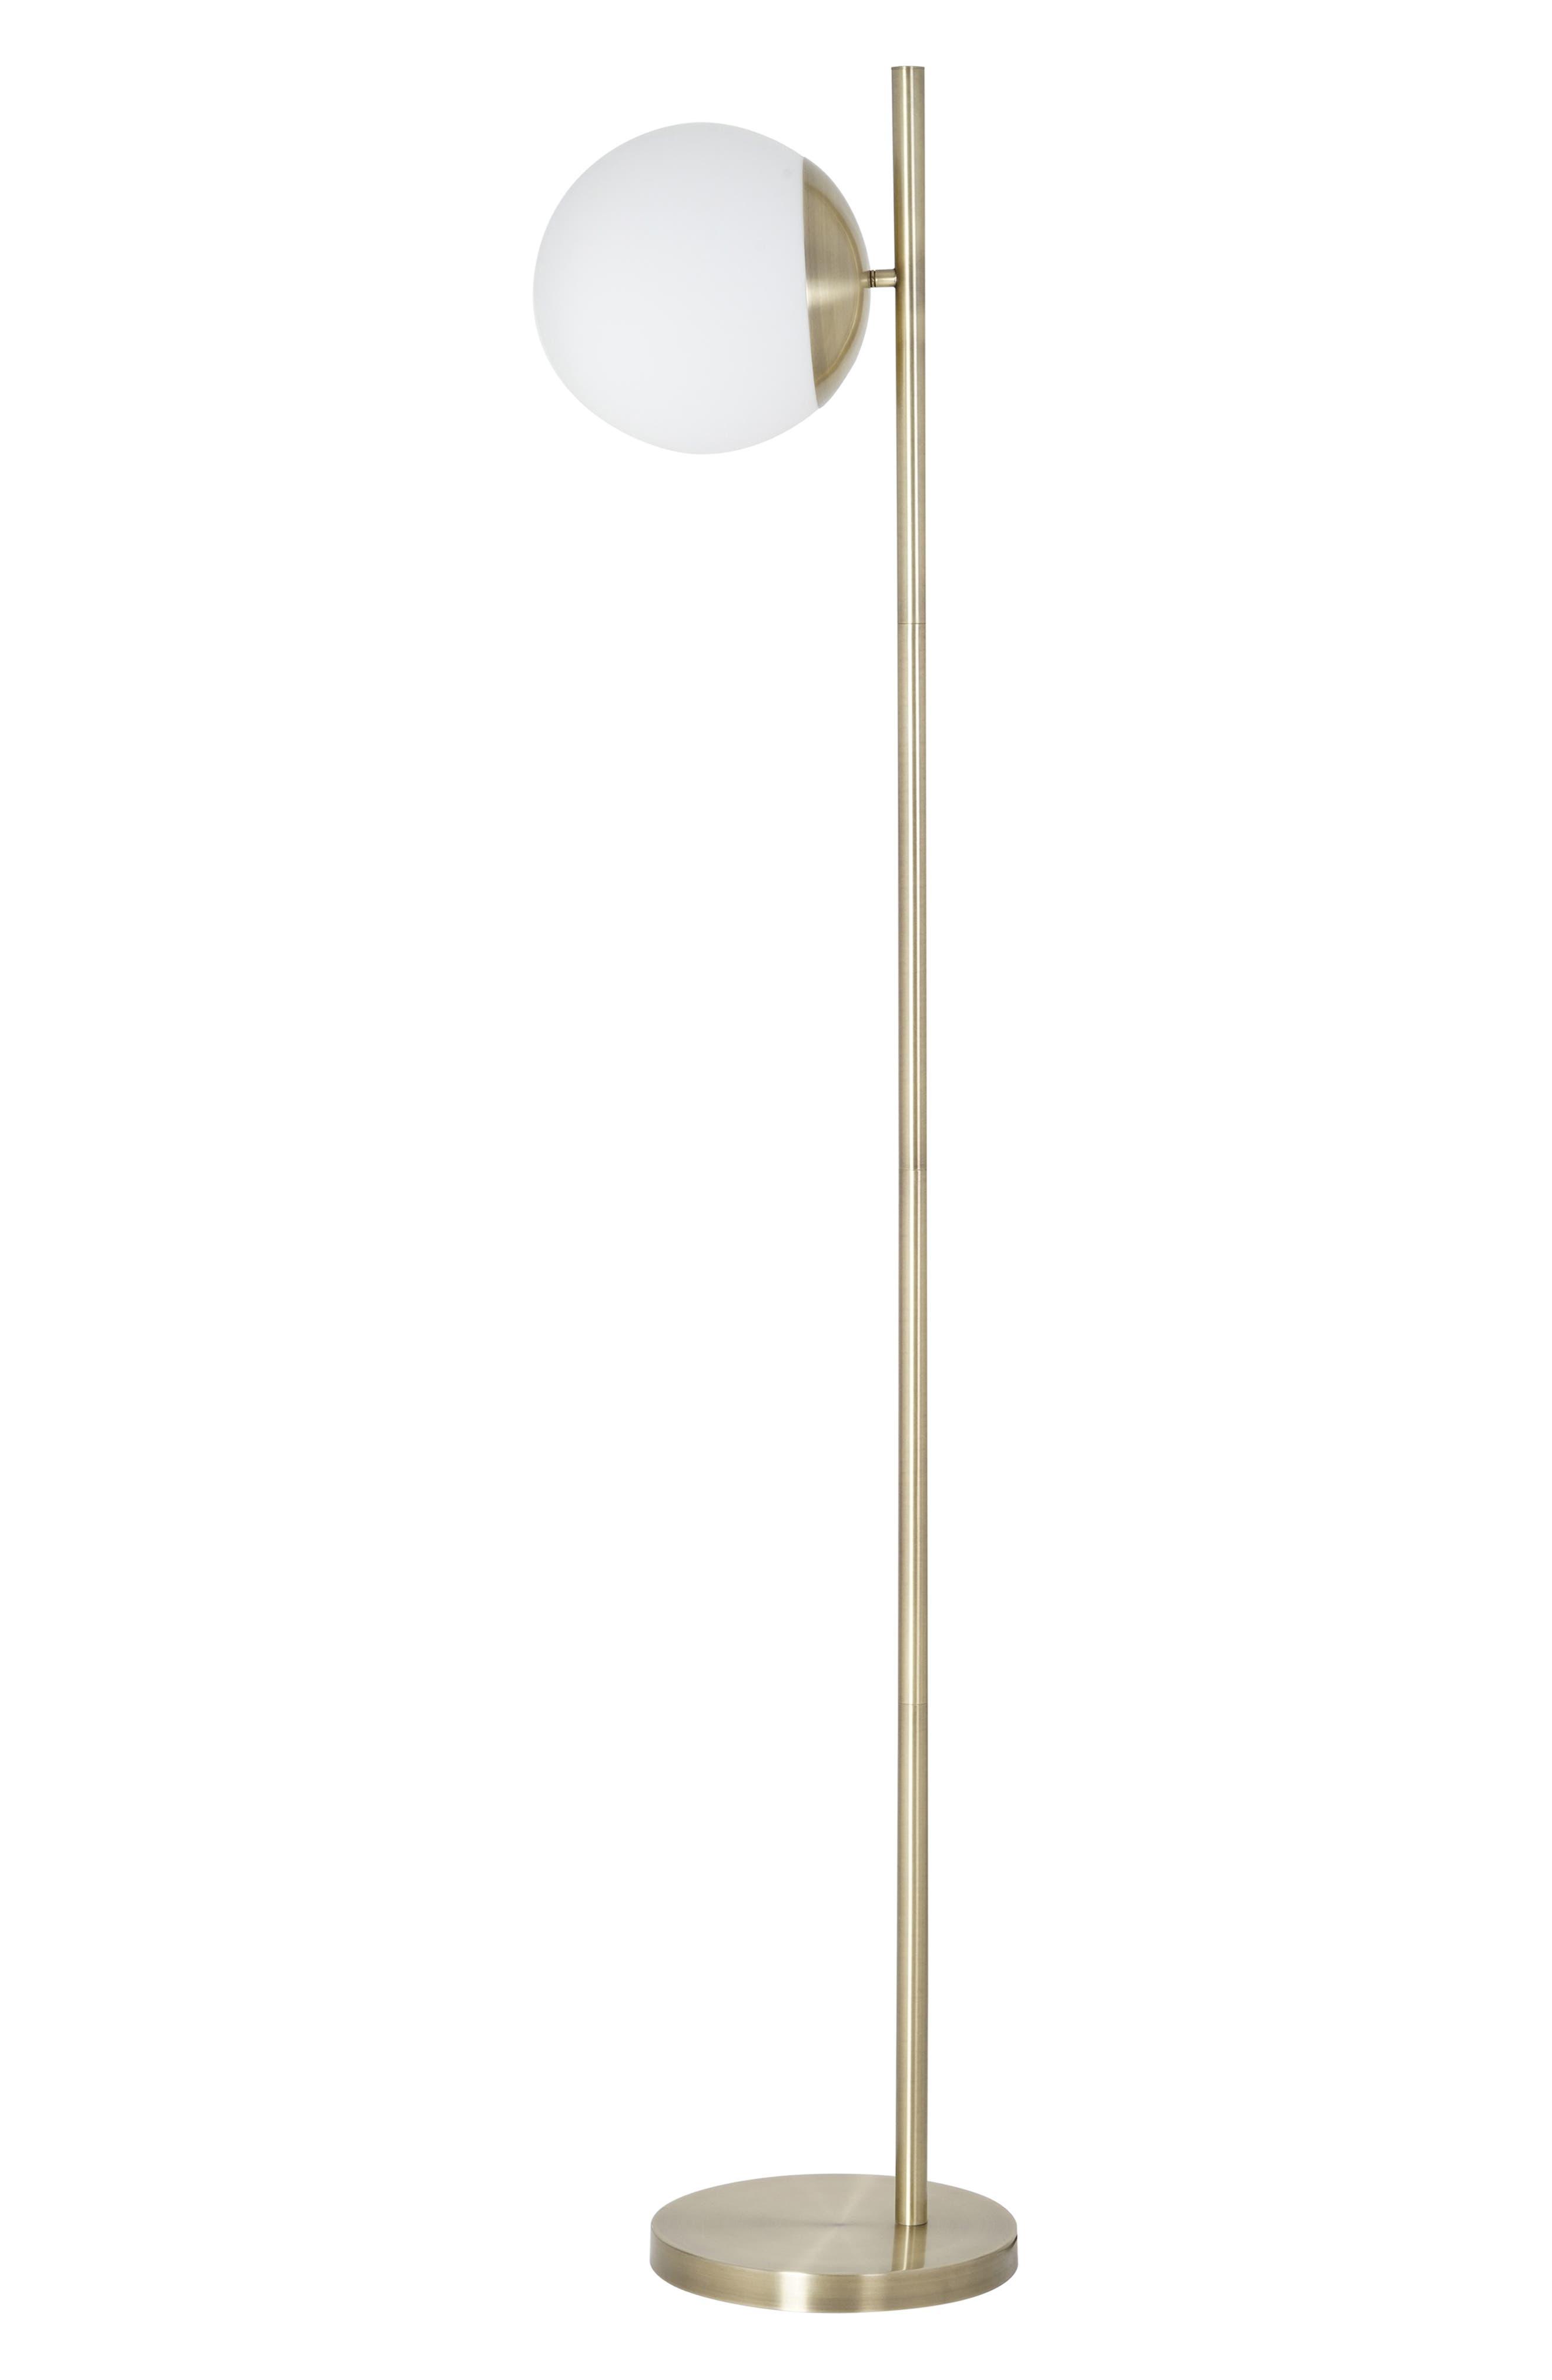 Jalexander Lighting Anderson Floor Lamp Size One Size  Metallic